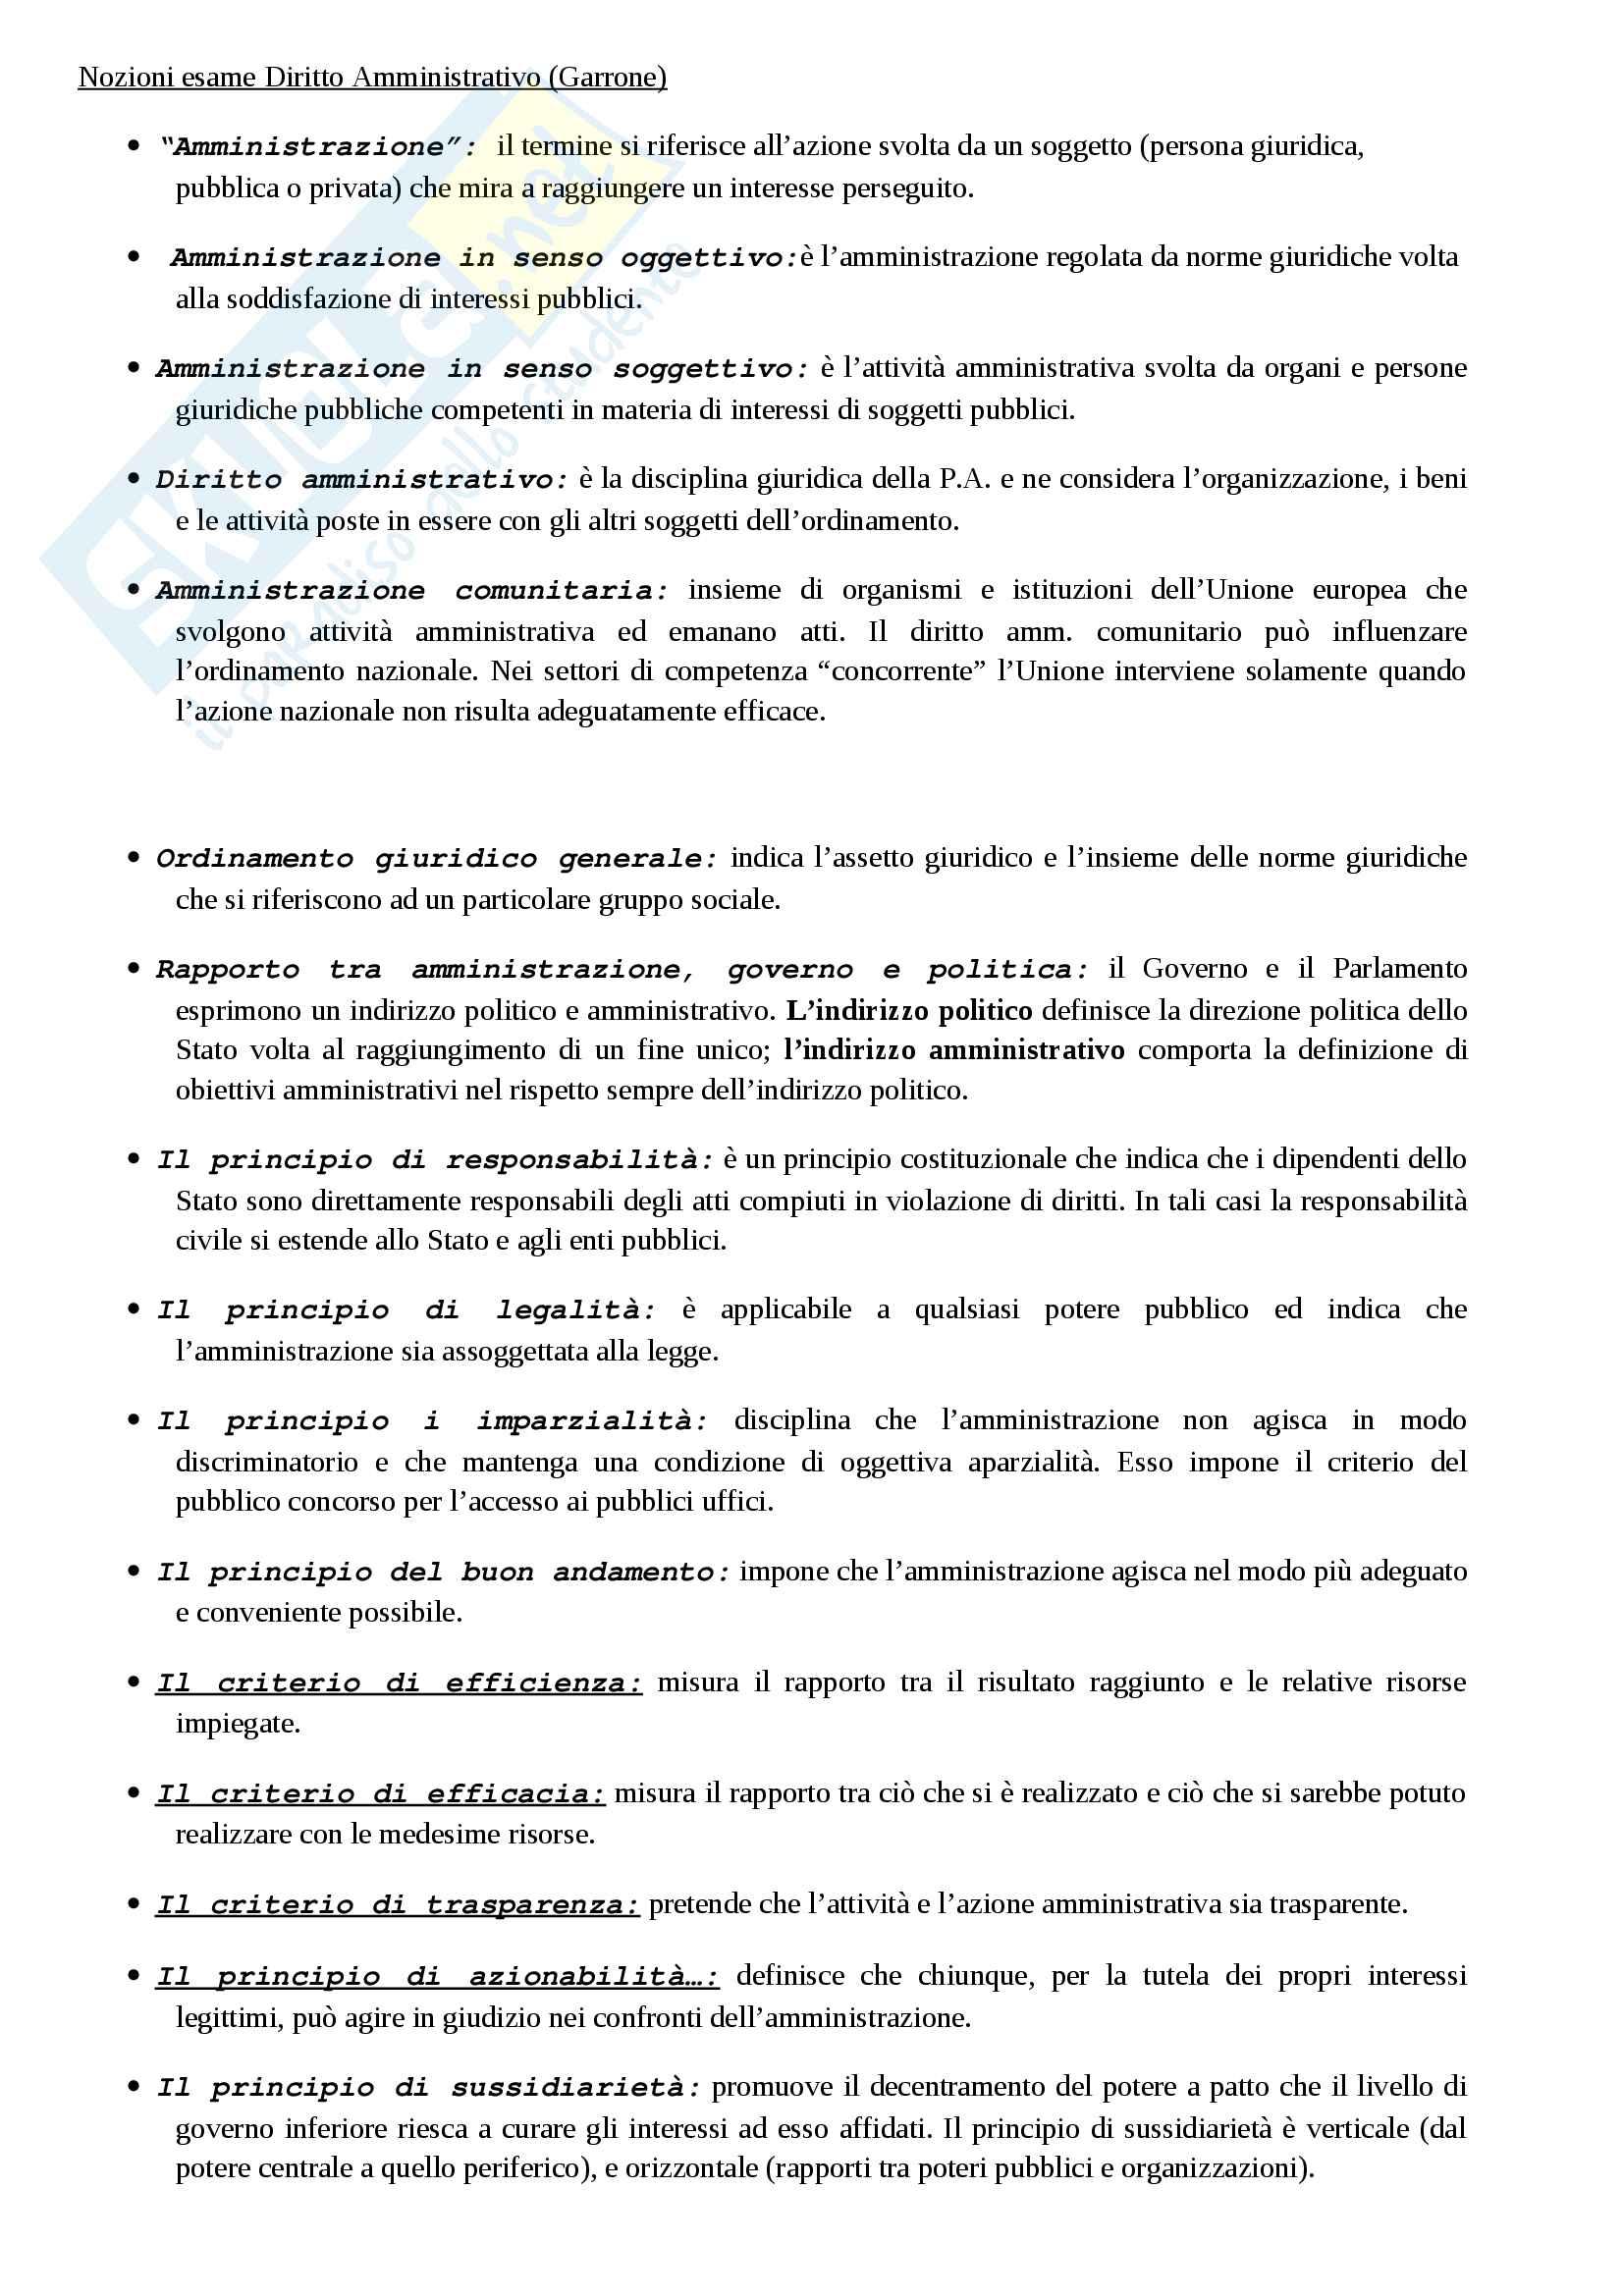 Nozioni generali di diritto amministrativo